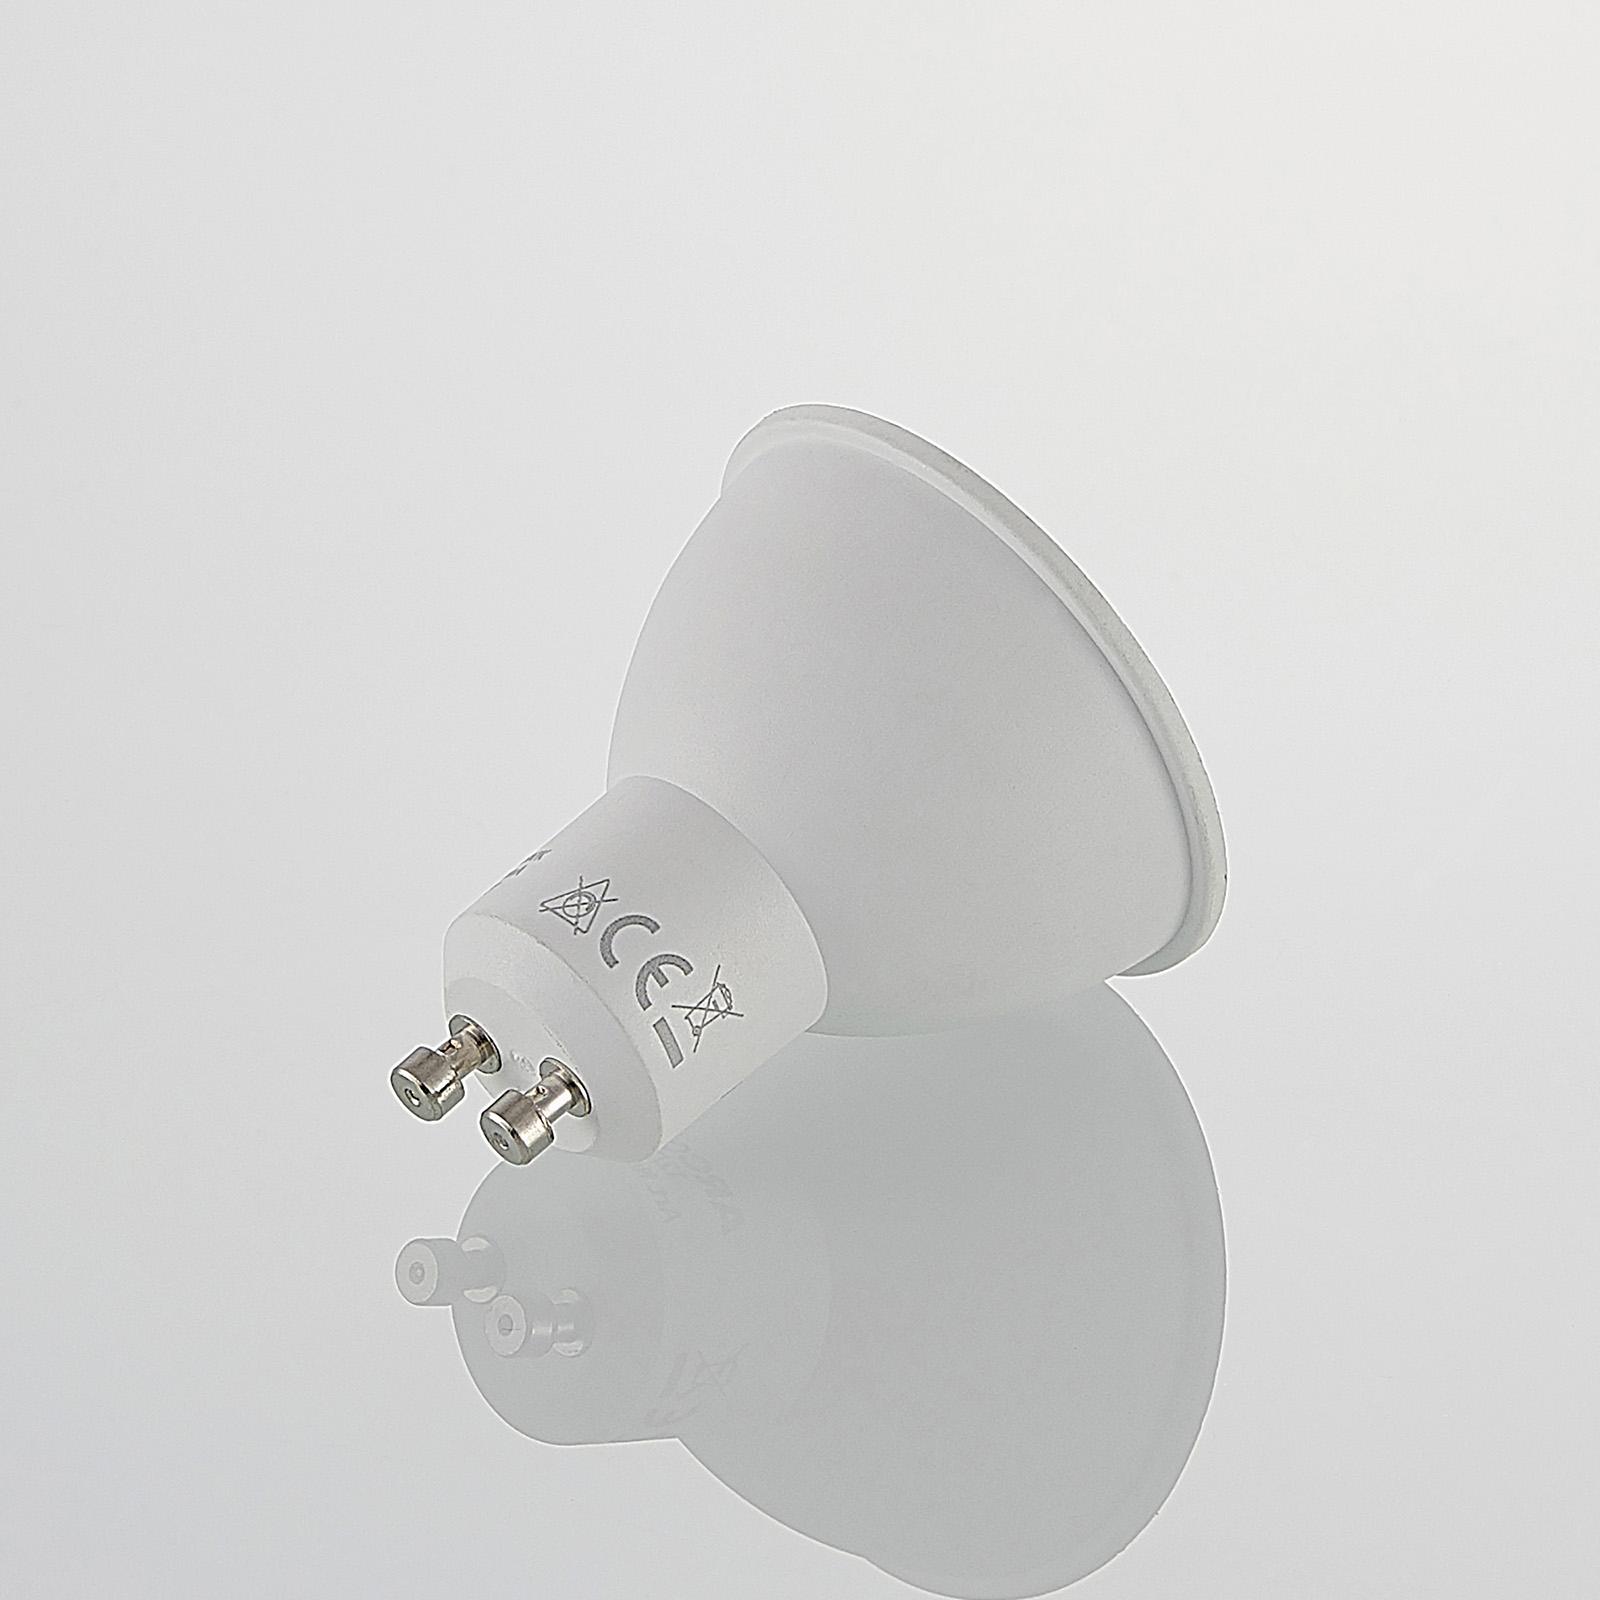 LED-reflector GU10 7W 3.000K 38°